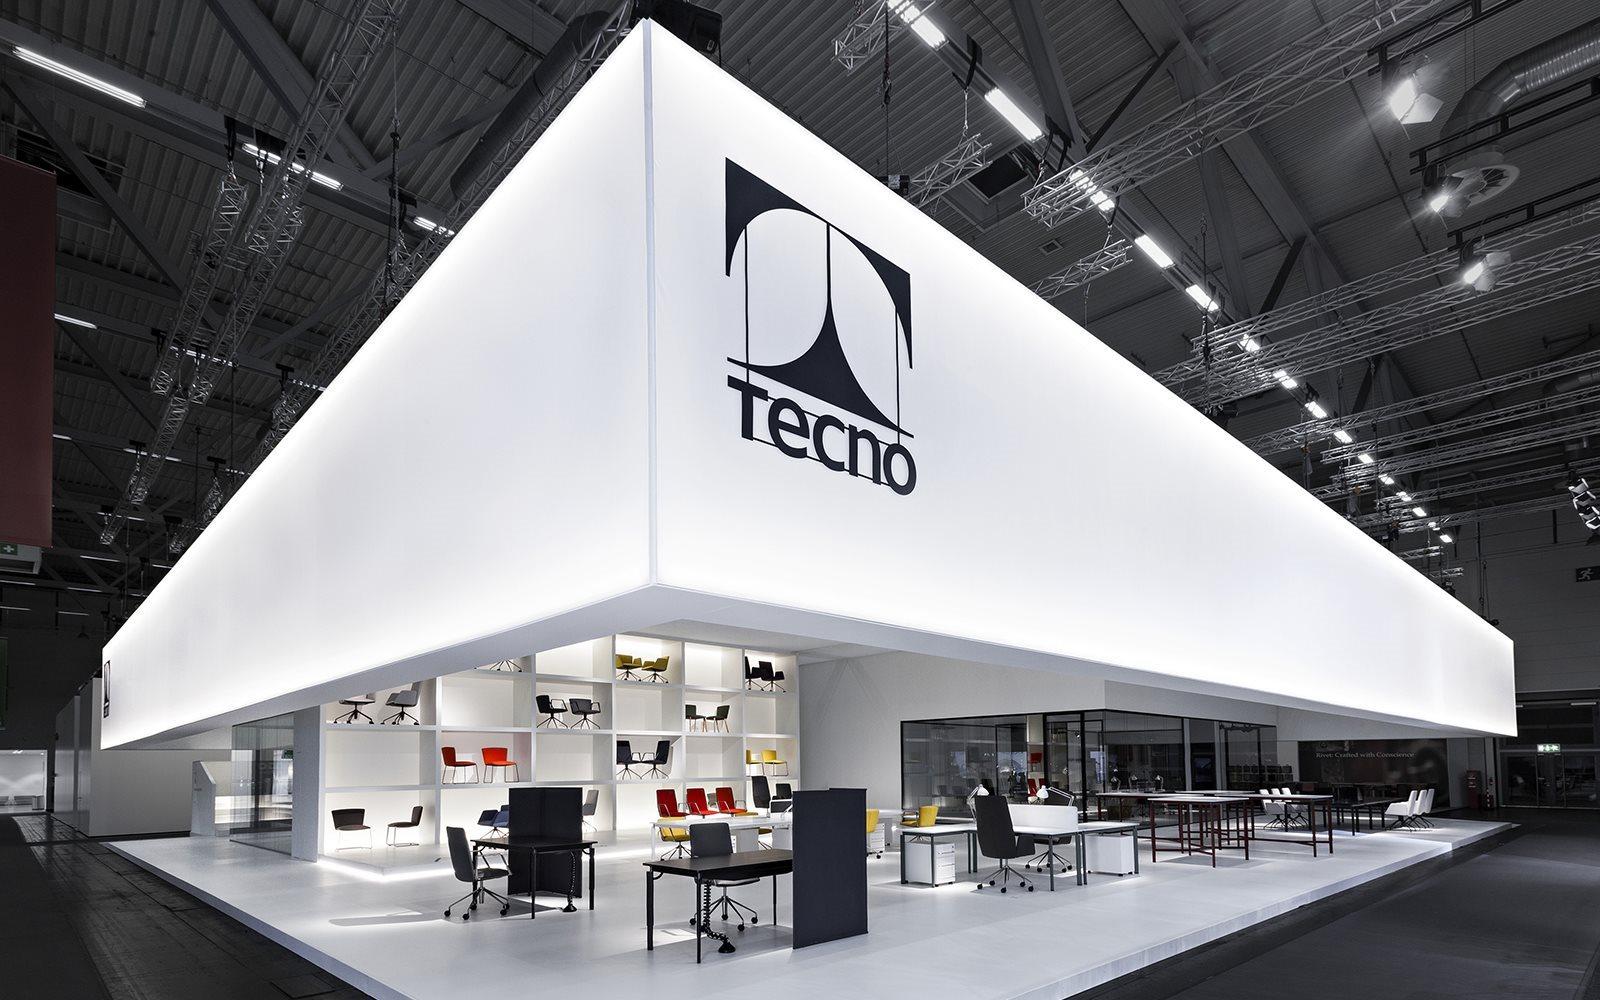 Tecno At Orgatec 2016